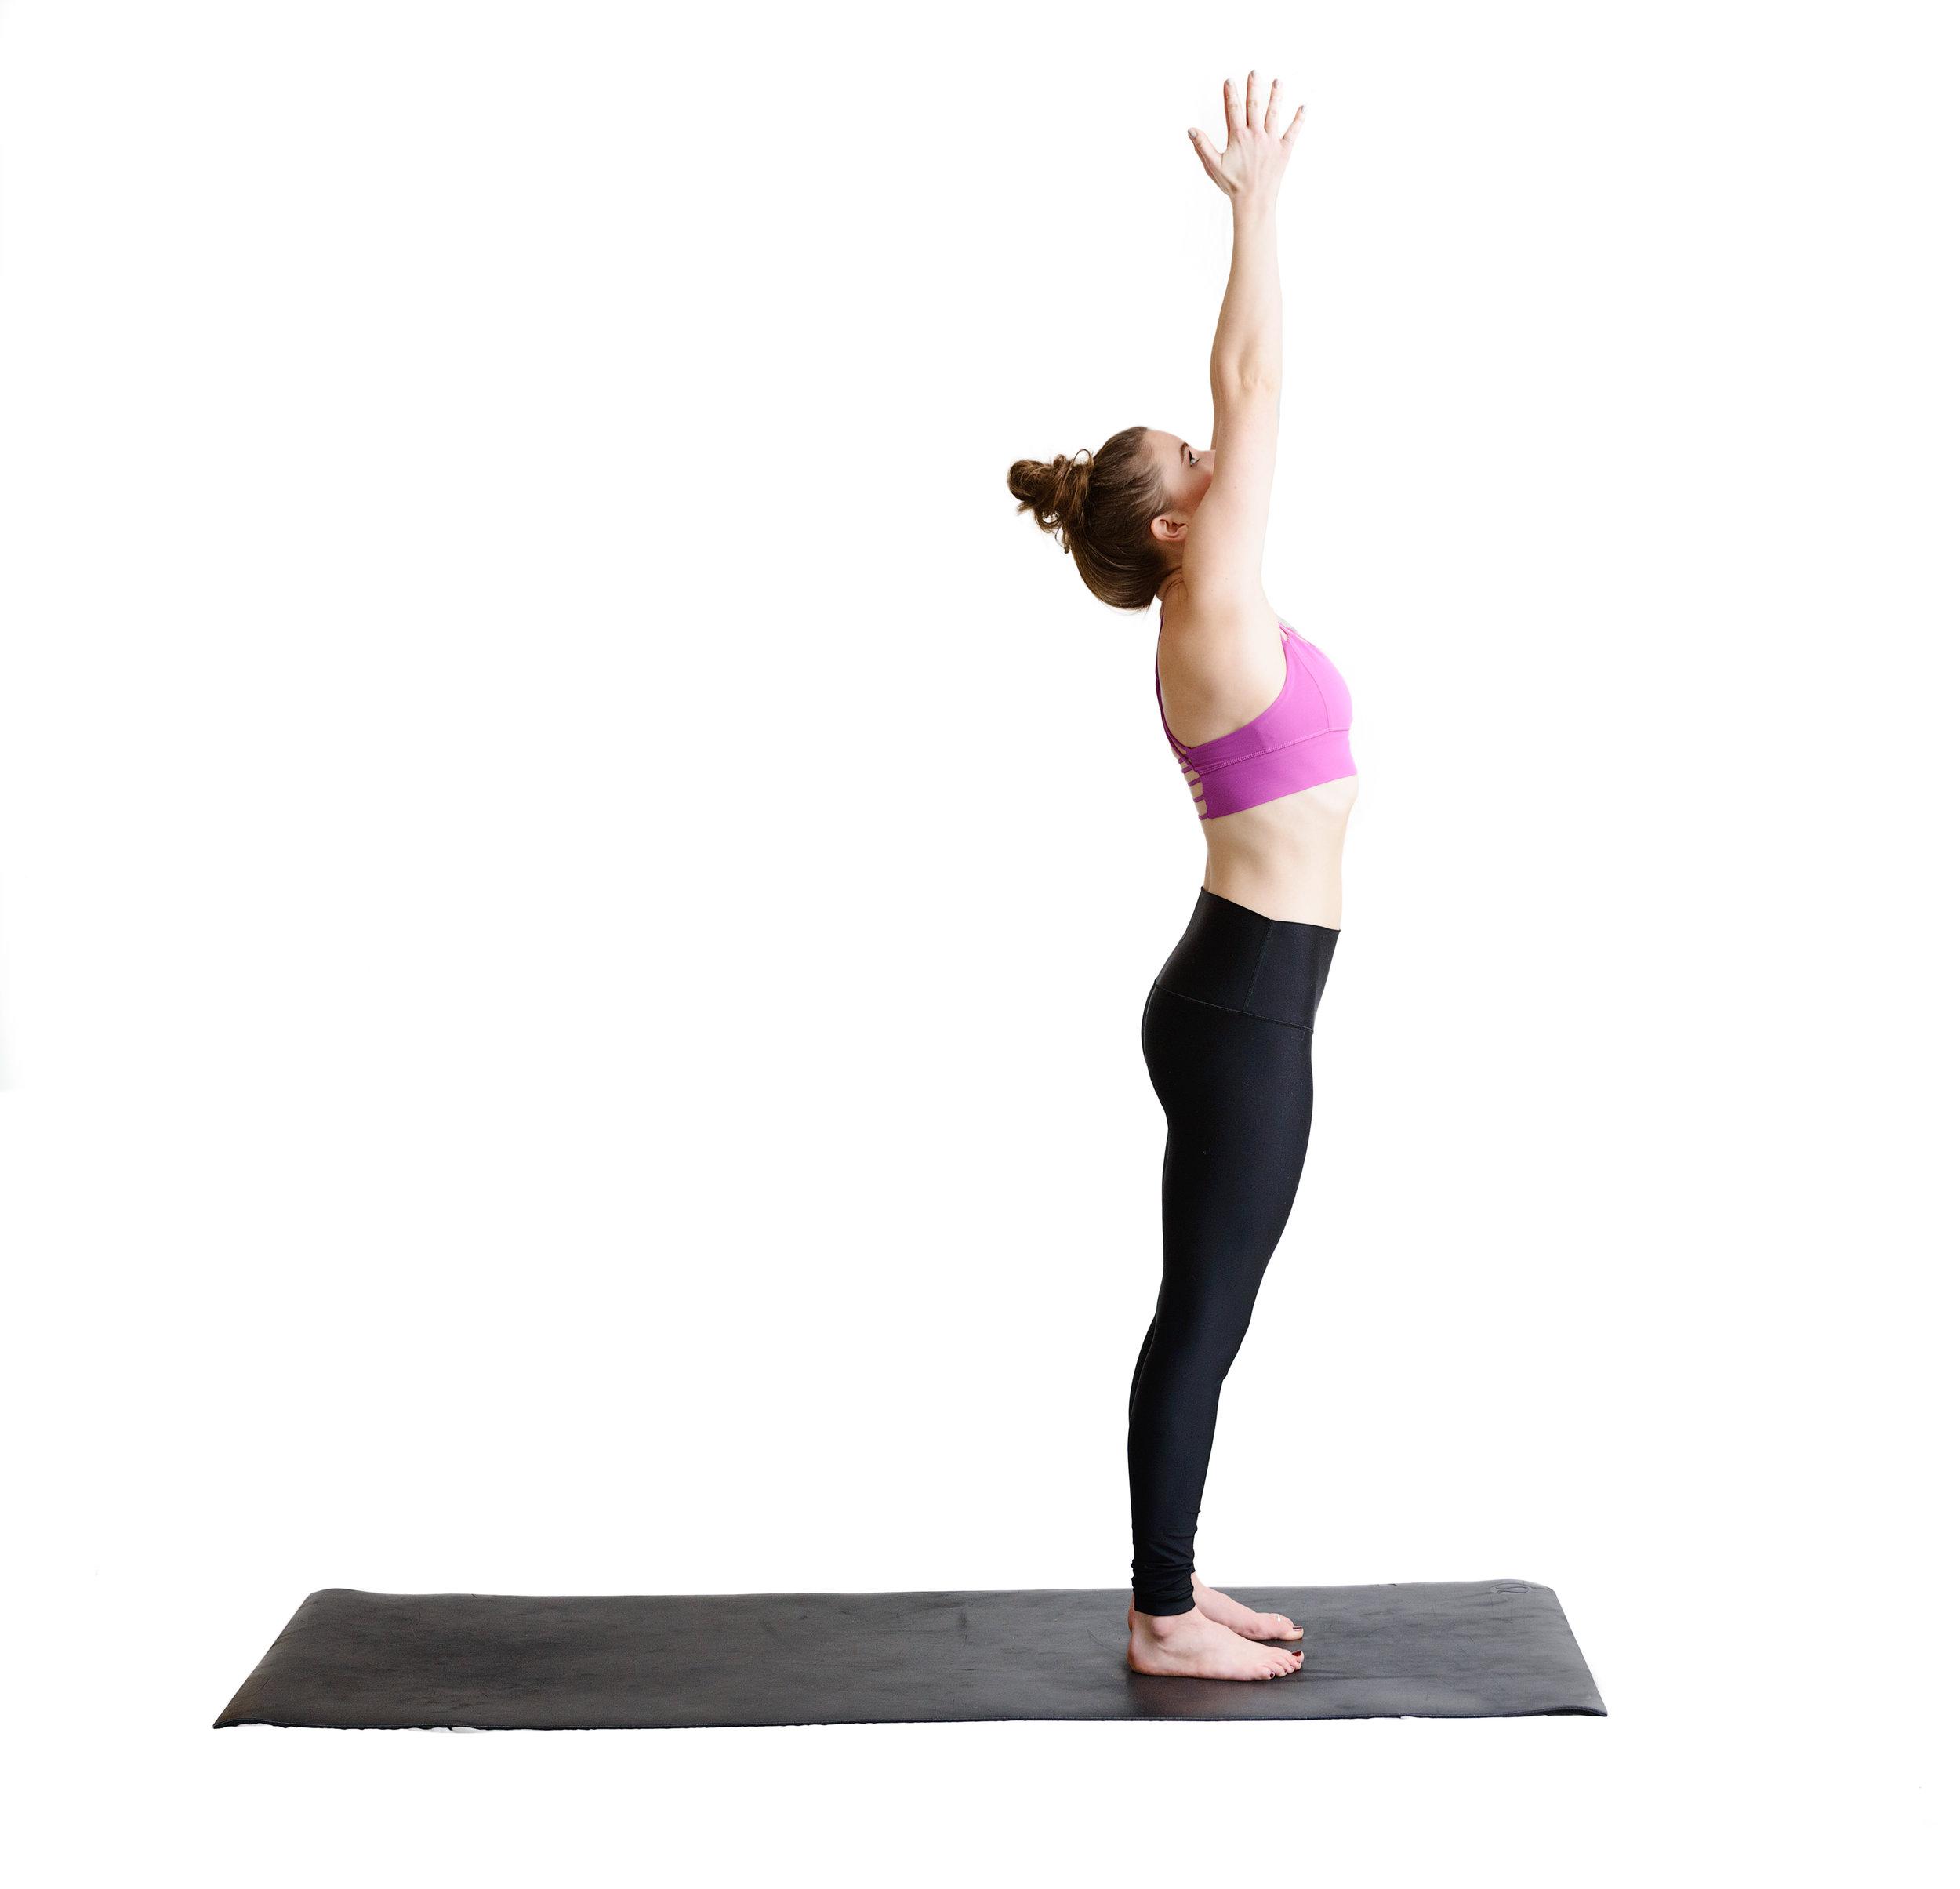 Jovette_PT&Yoga_002.jpg